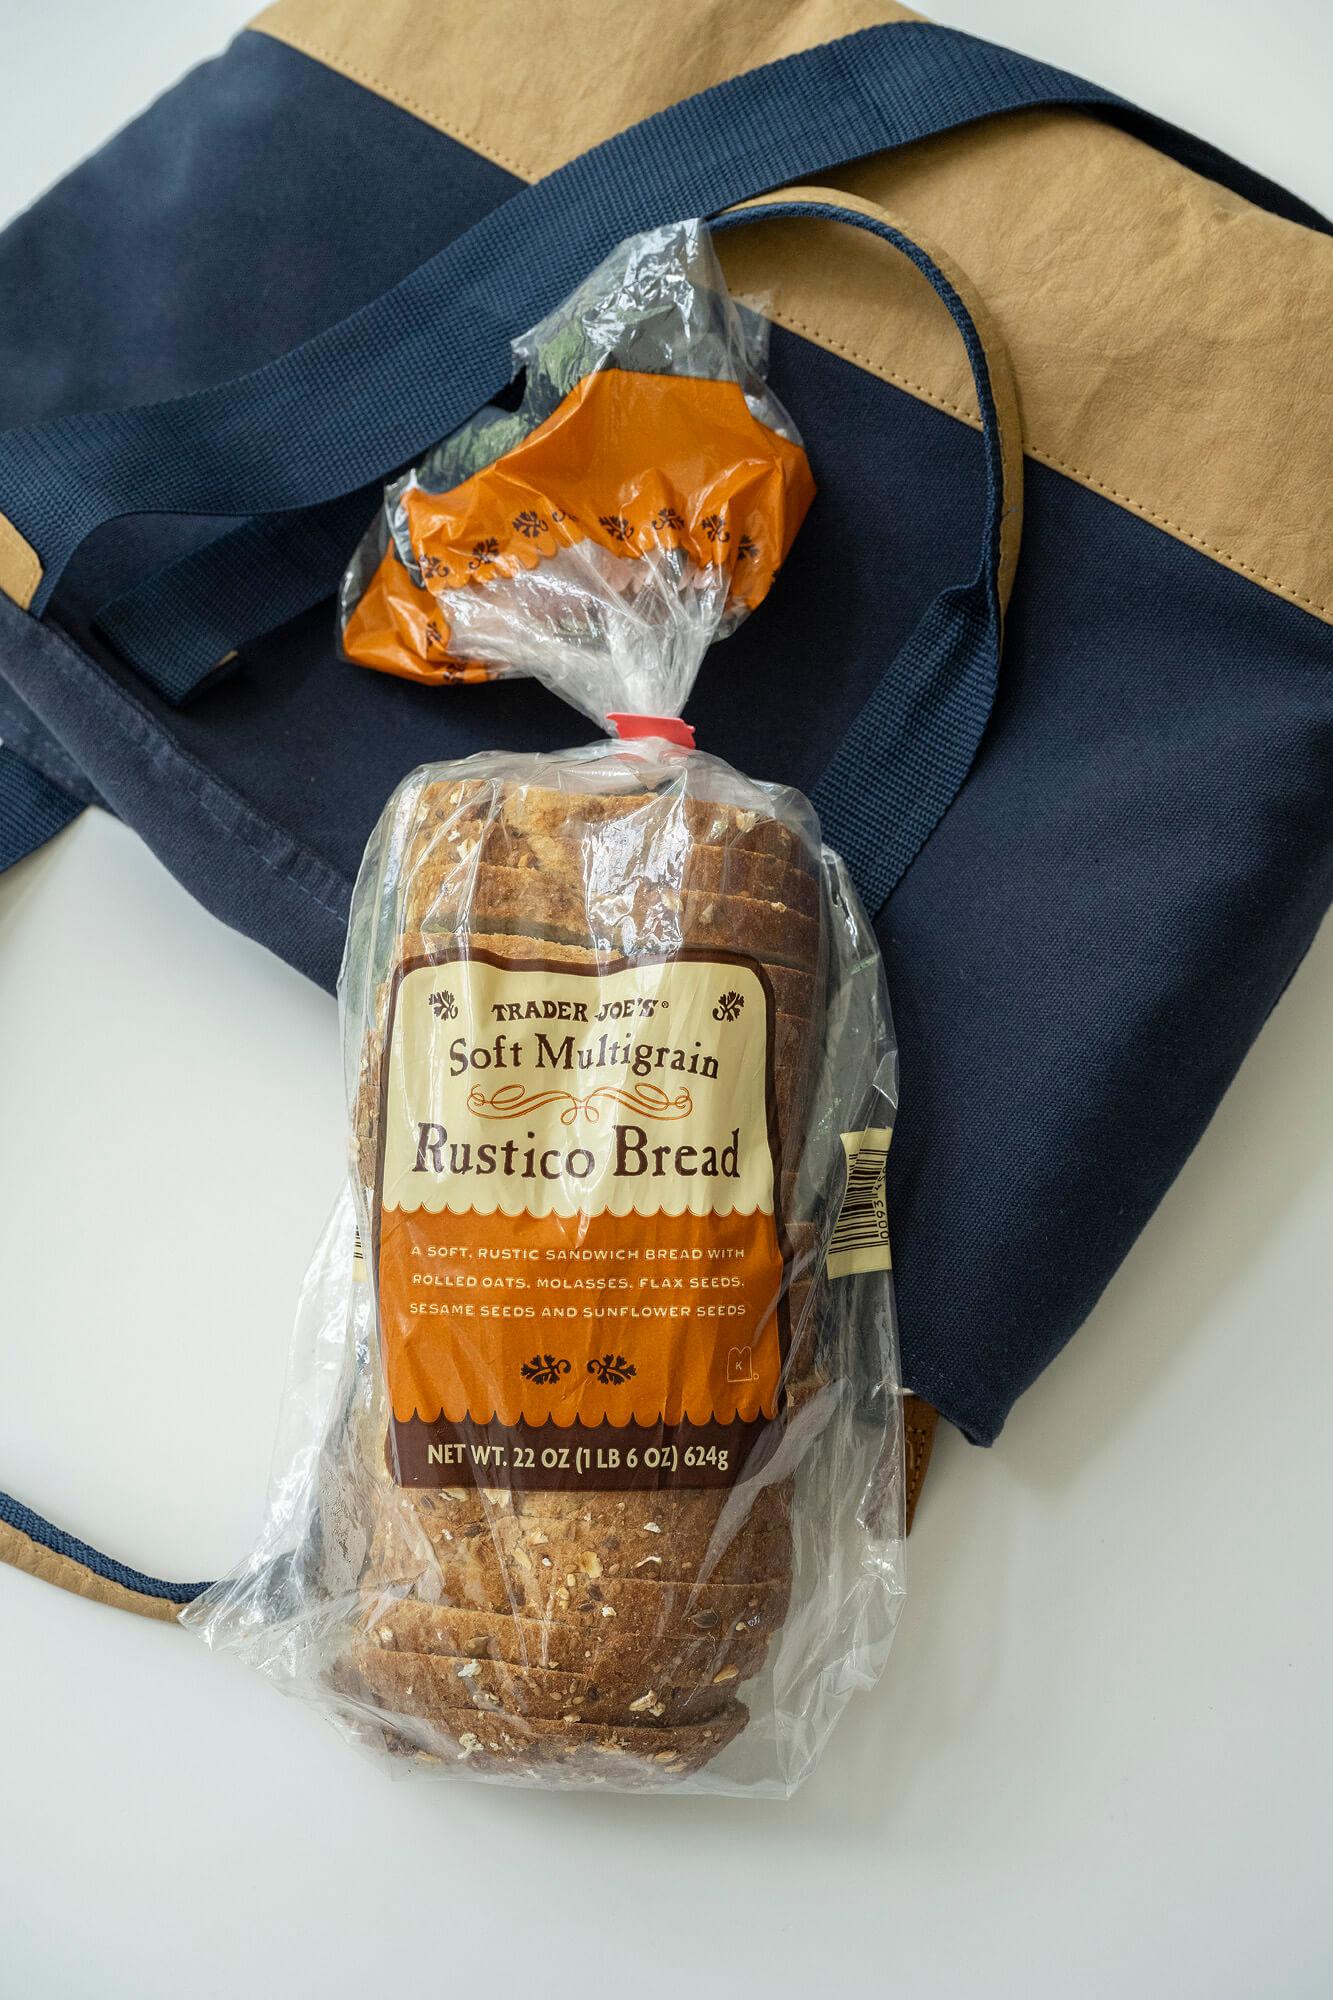 Trader Joe's Rustico Bread